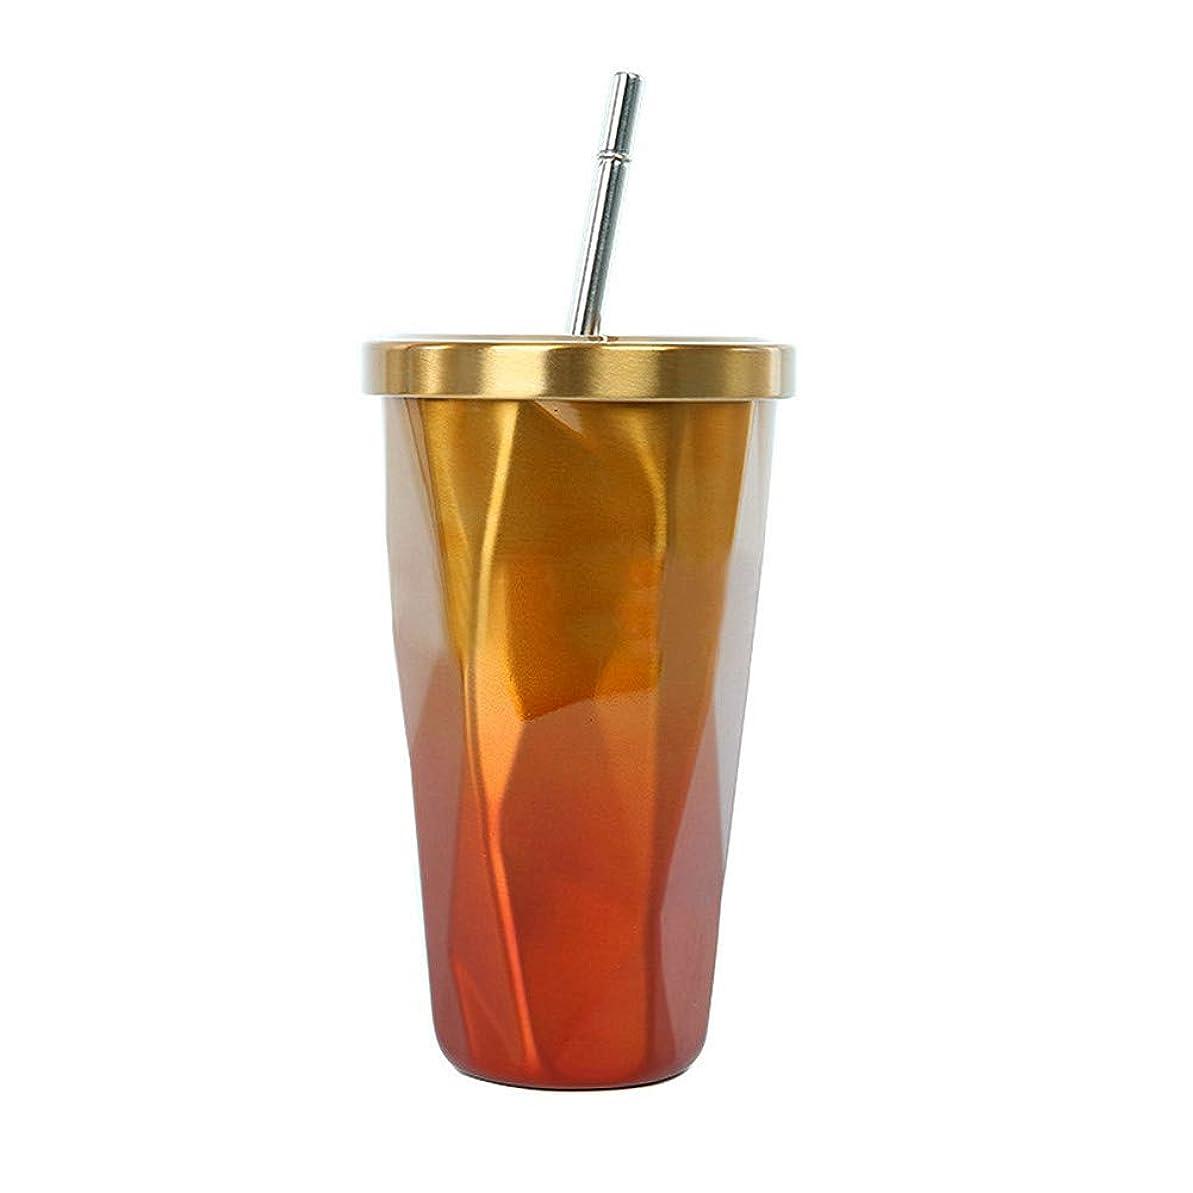 蜂忙しい排除COLOCUP 真空断熱 ストロー タンブラー ふた付き おしゃれ ステンレス 携帯 コーヒー カップ 500ml (オレンジゴールド (SU-02))